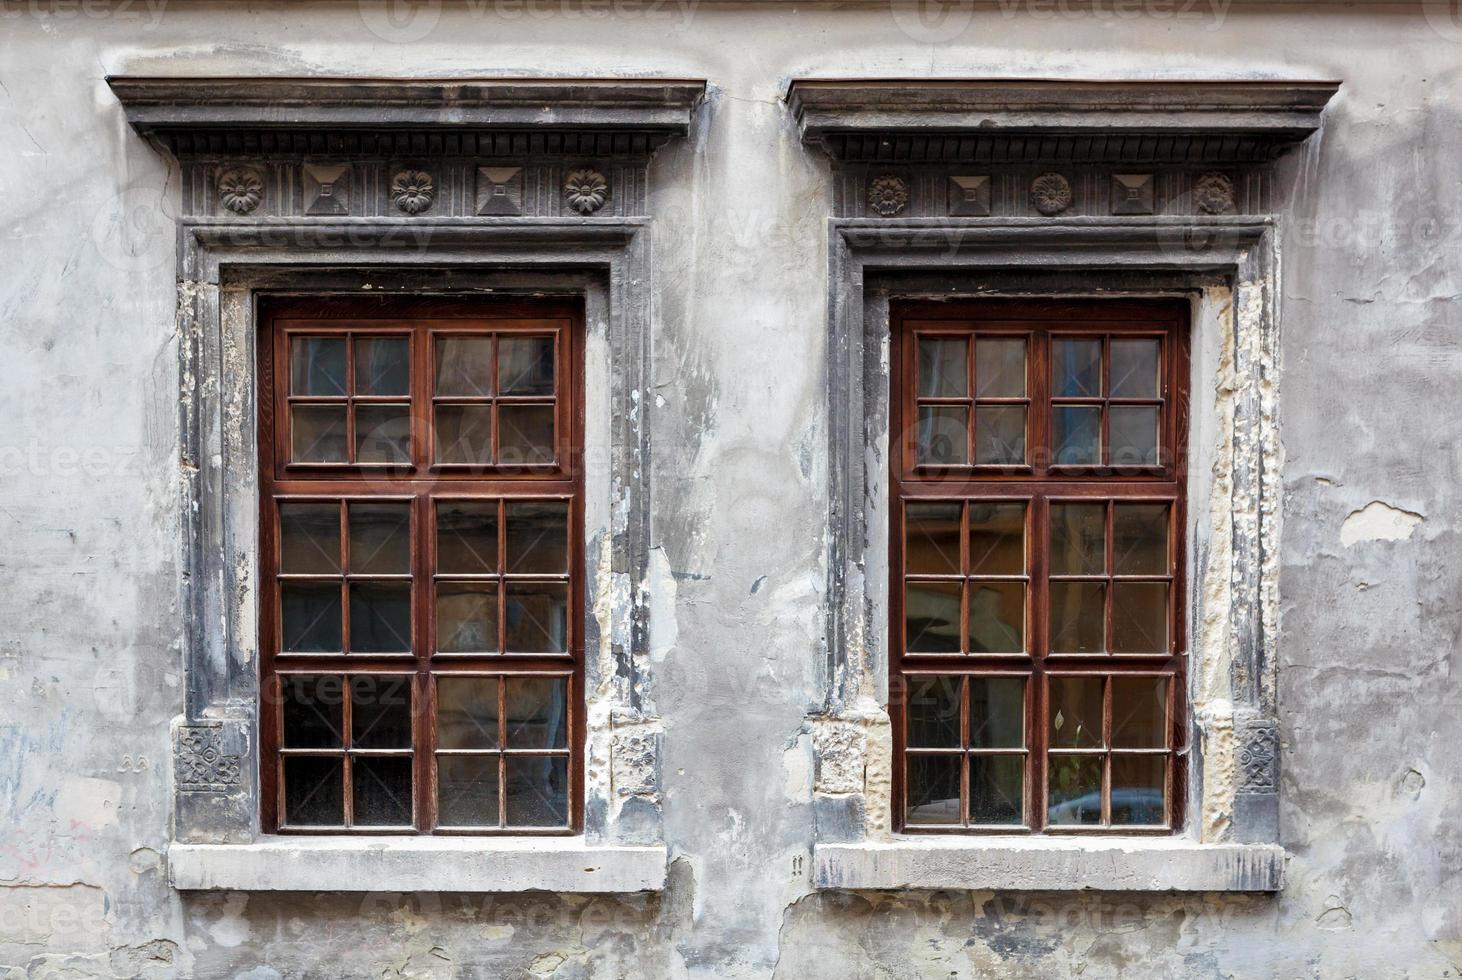 Dos ventanas en una vieja pared de estuco gris. foto